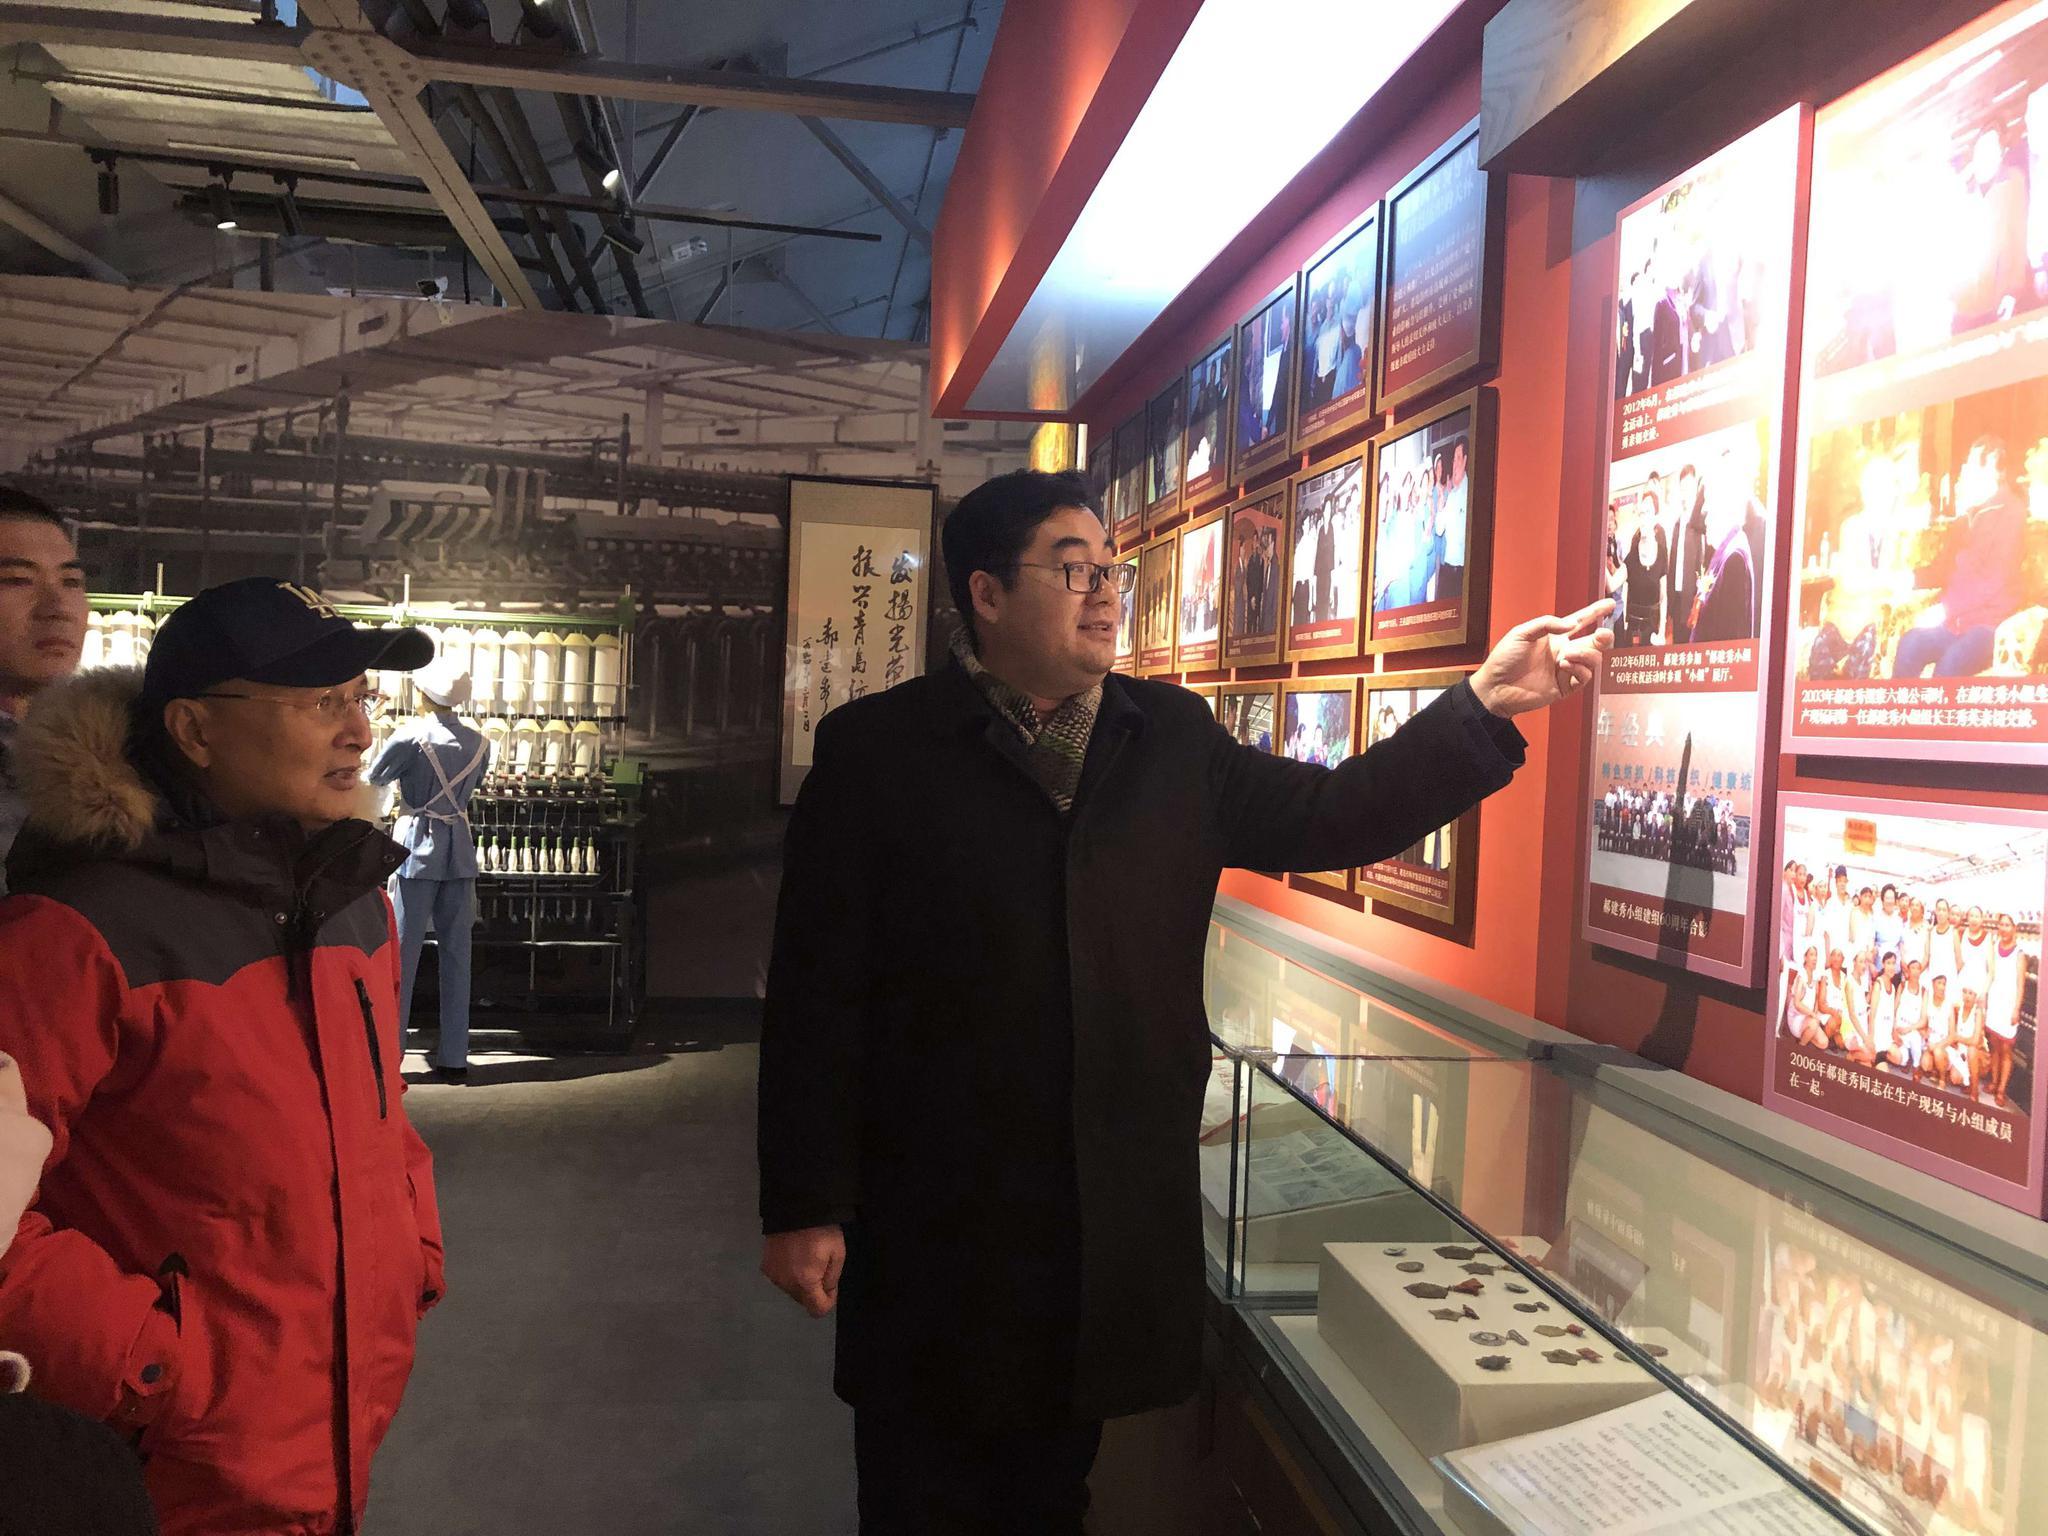 新年伊始——青岛纺织谷迎来香港大导演